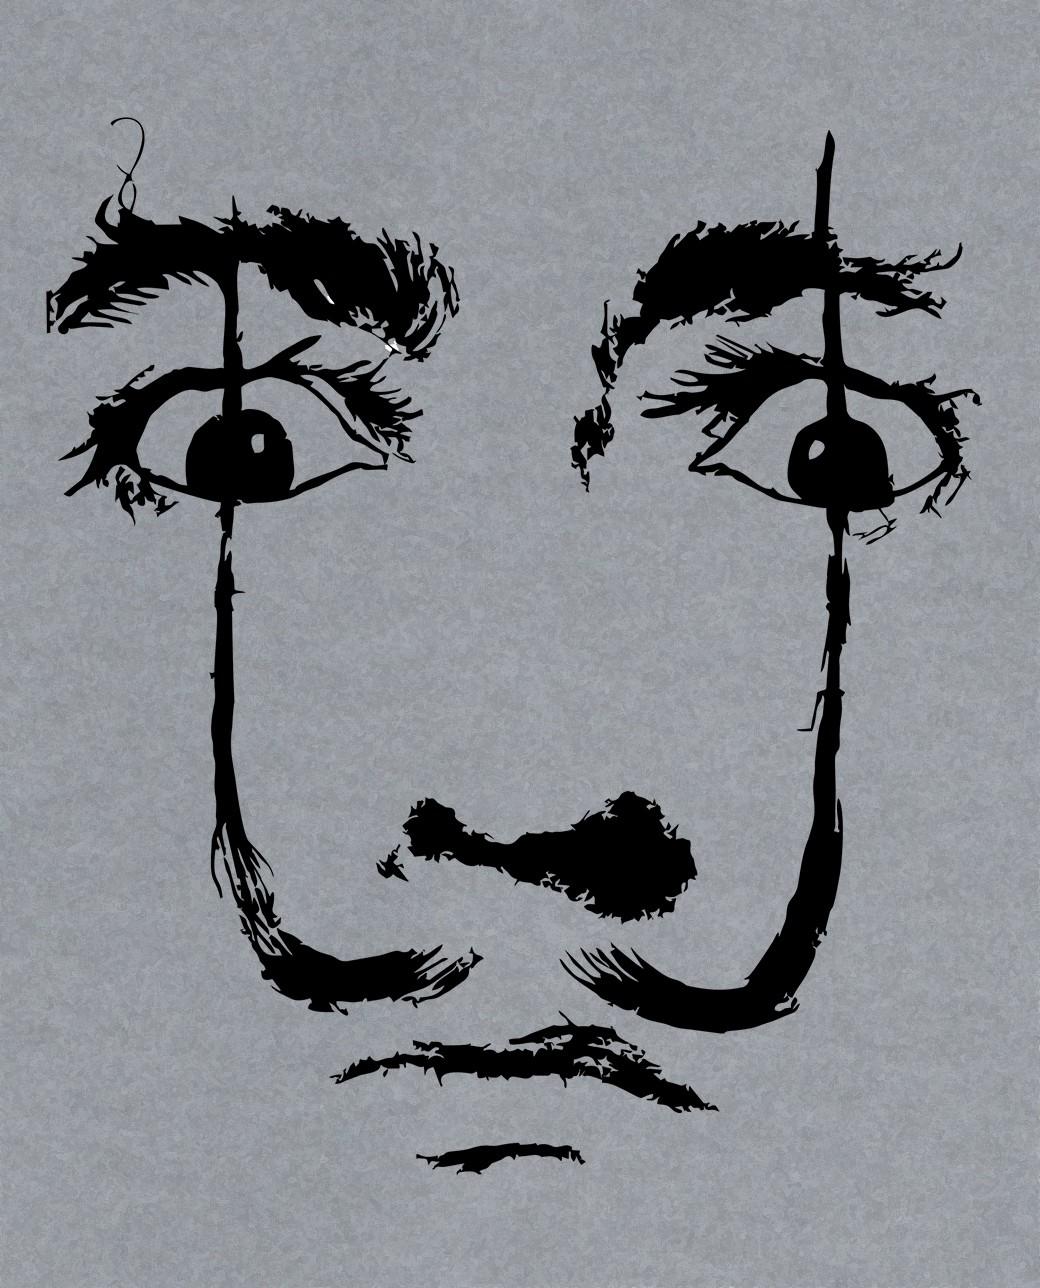 camiseta dalicamiseta dalicamiseta dalicamiseta dali DALÍ